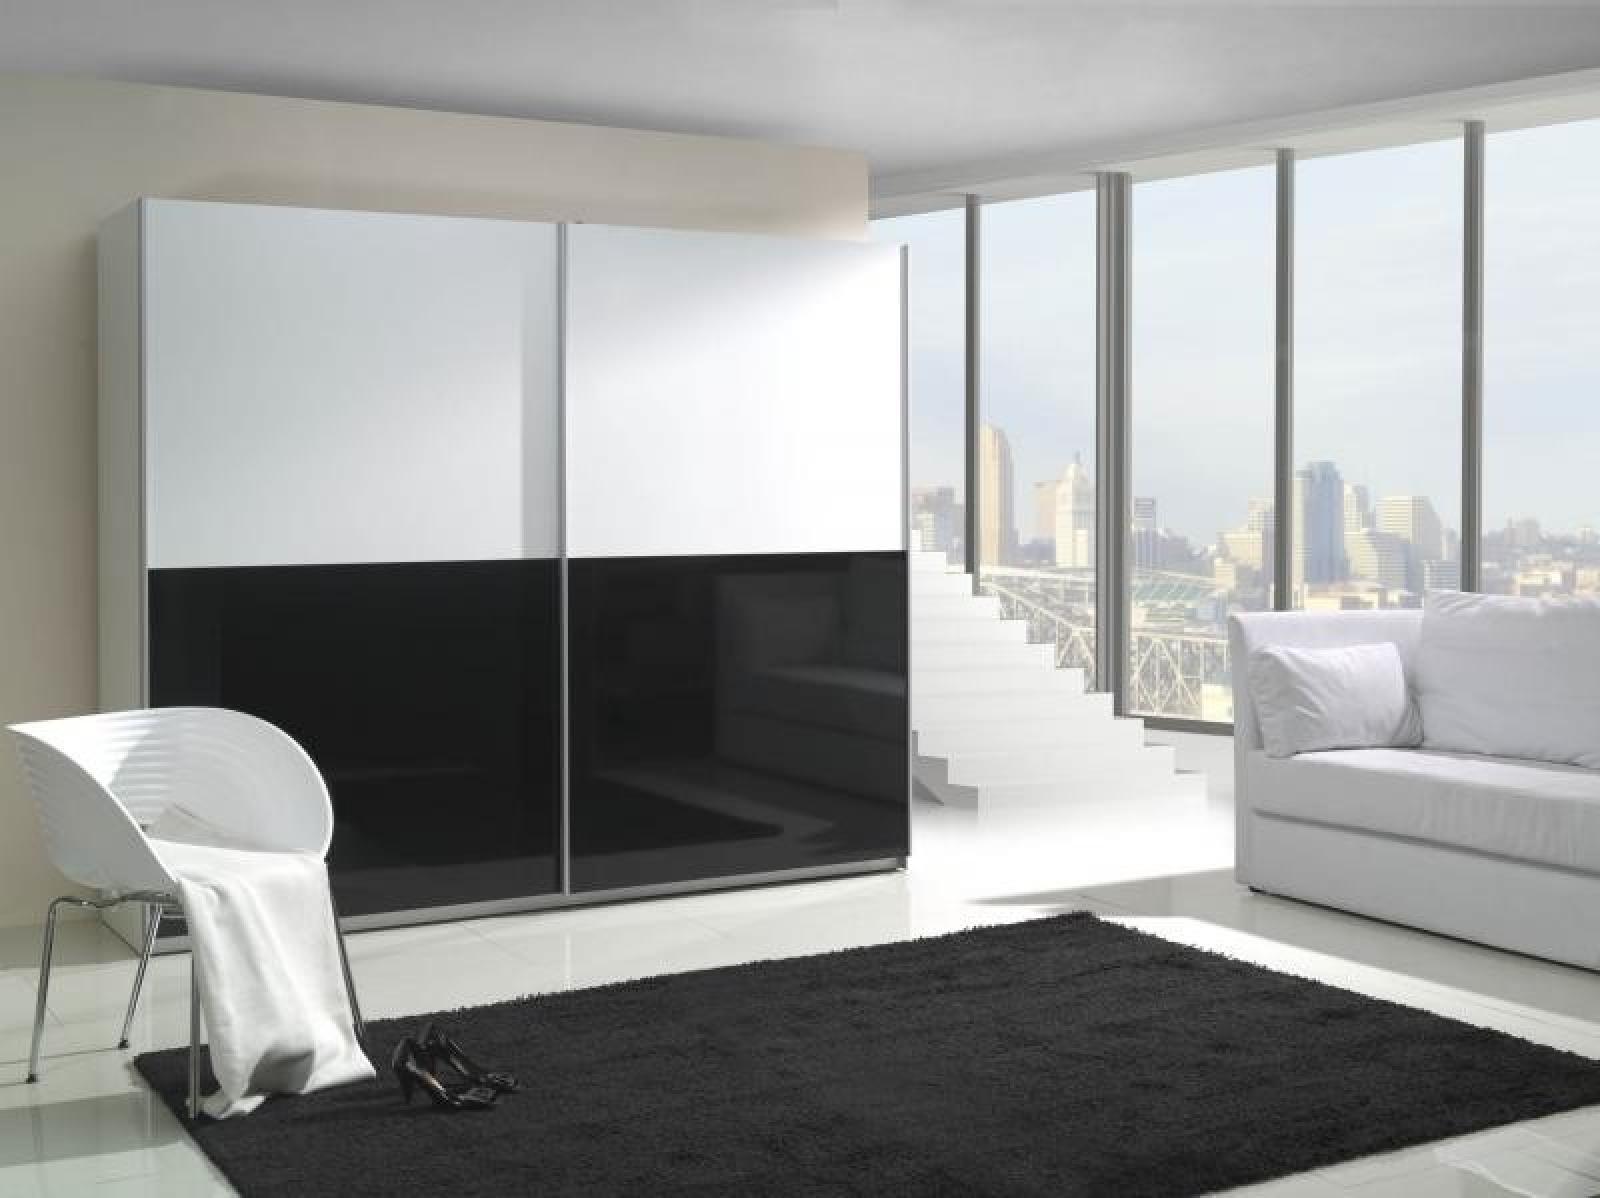 Kleiderschrank schiebetüren schwarz  KAUFEXPERT - Schwebetürenschrank 244 cm Prestige 5 Weiß Schwarz ...